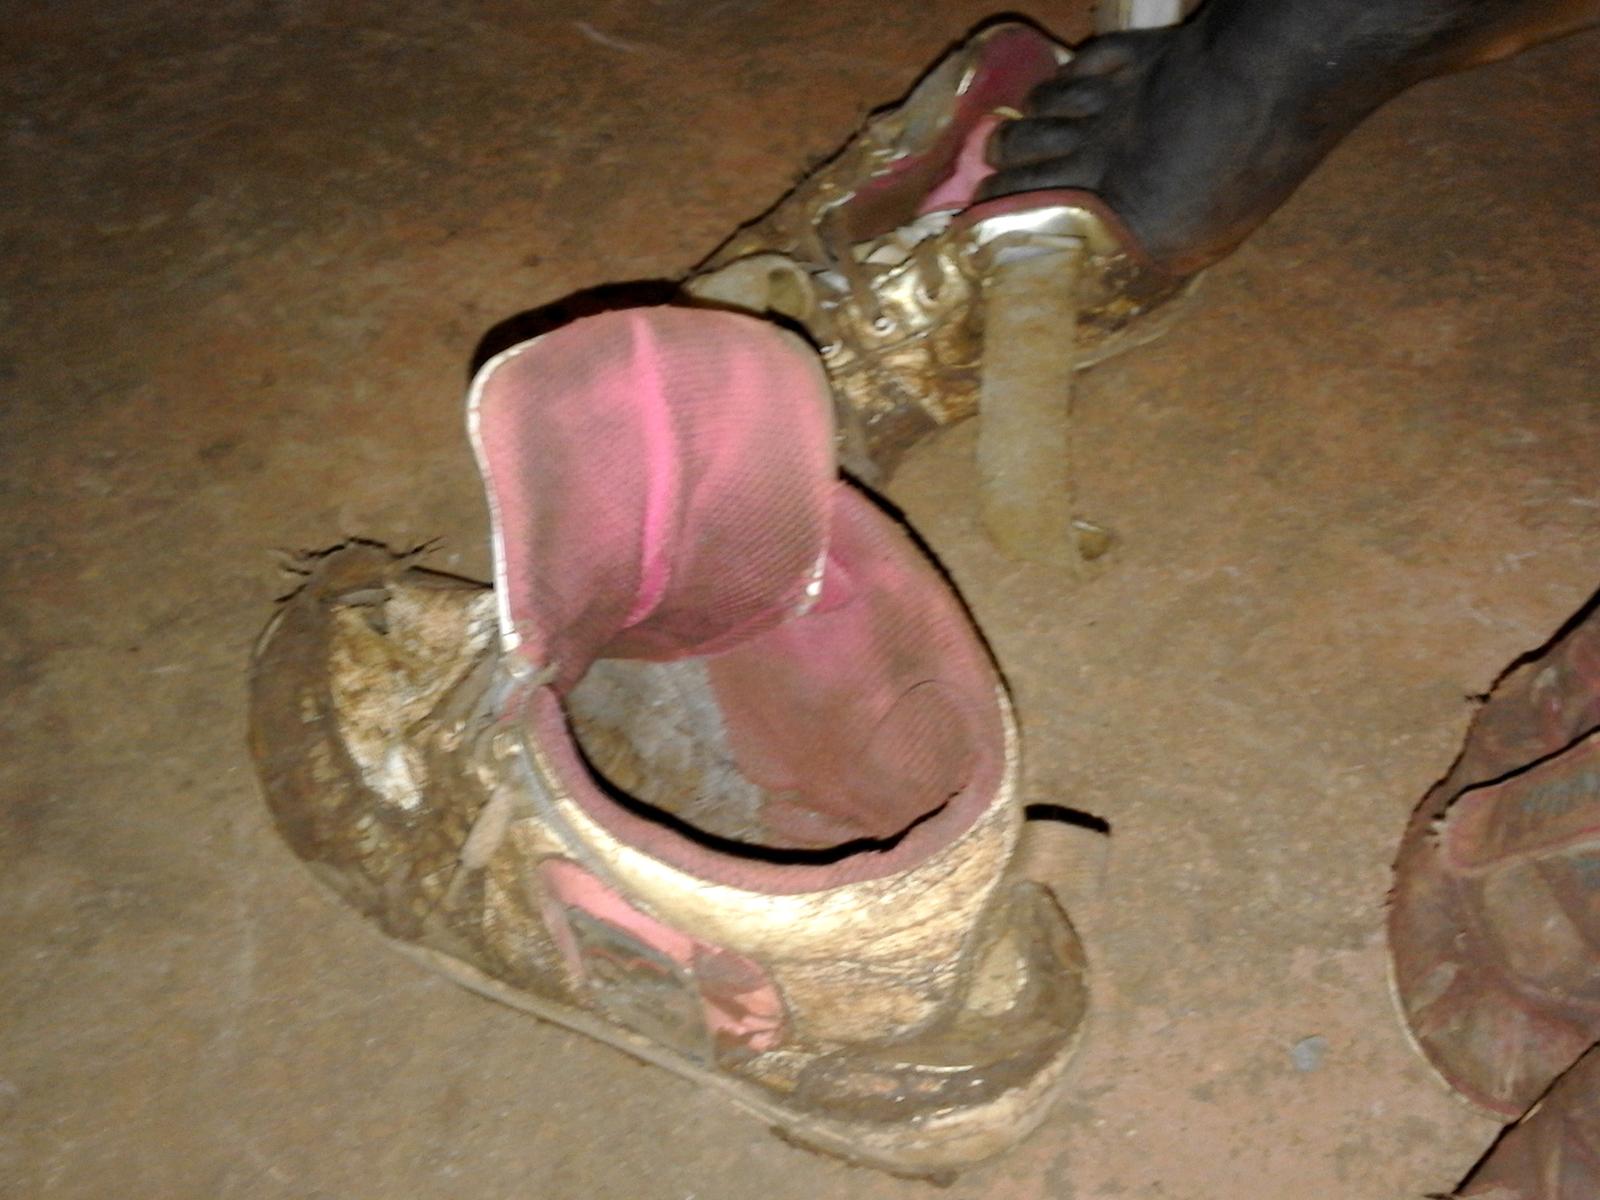 JICA・青年海外協力隊の賀集さん協力によるチェマラル小学校での寄贈。それぞれの子どもの足のサイズに合わせてシューズを渡す。傷んだシューズを履き続けている子どもも多い。